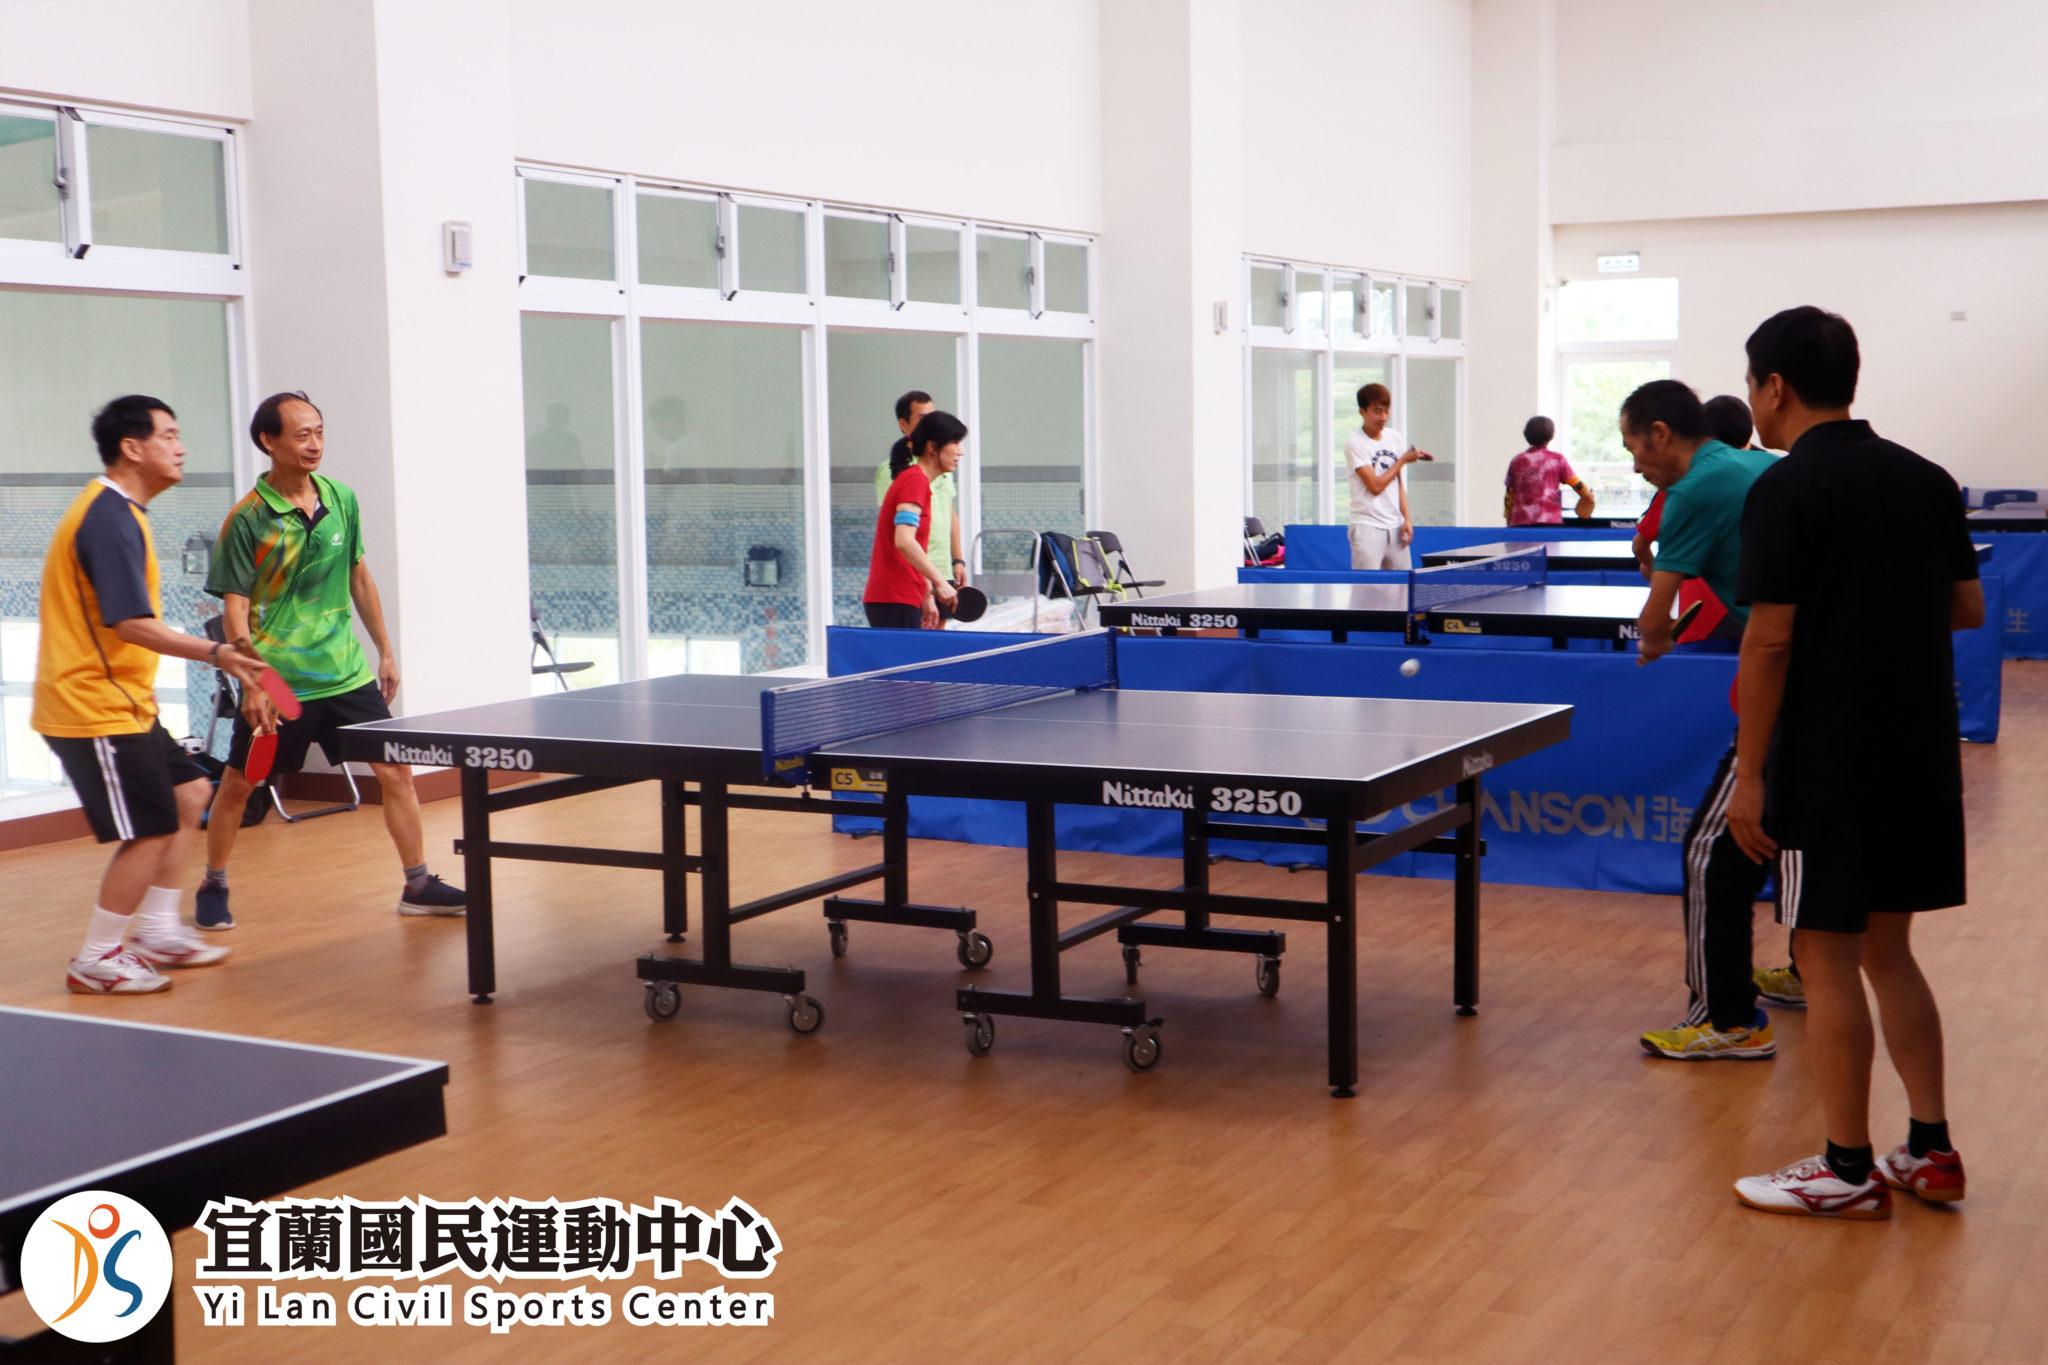 桌球教室可容納16人(jpg)